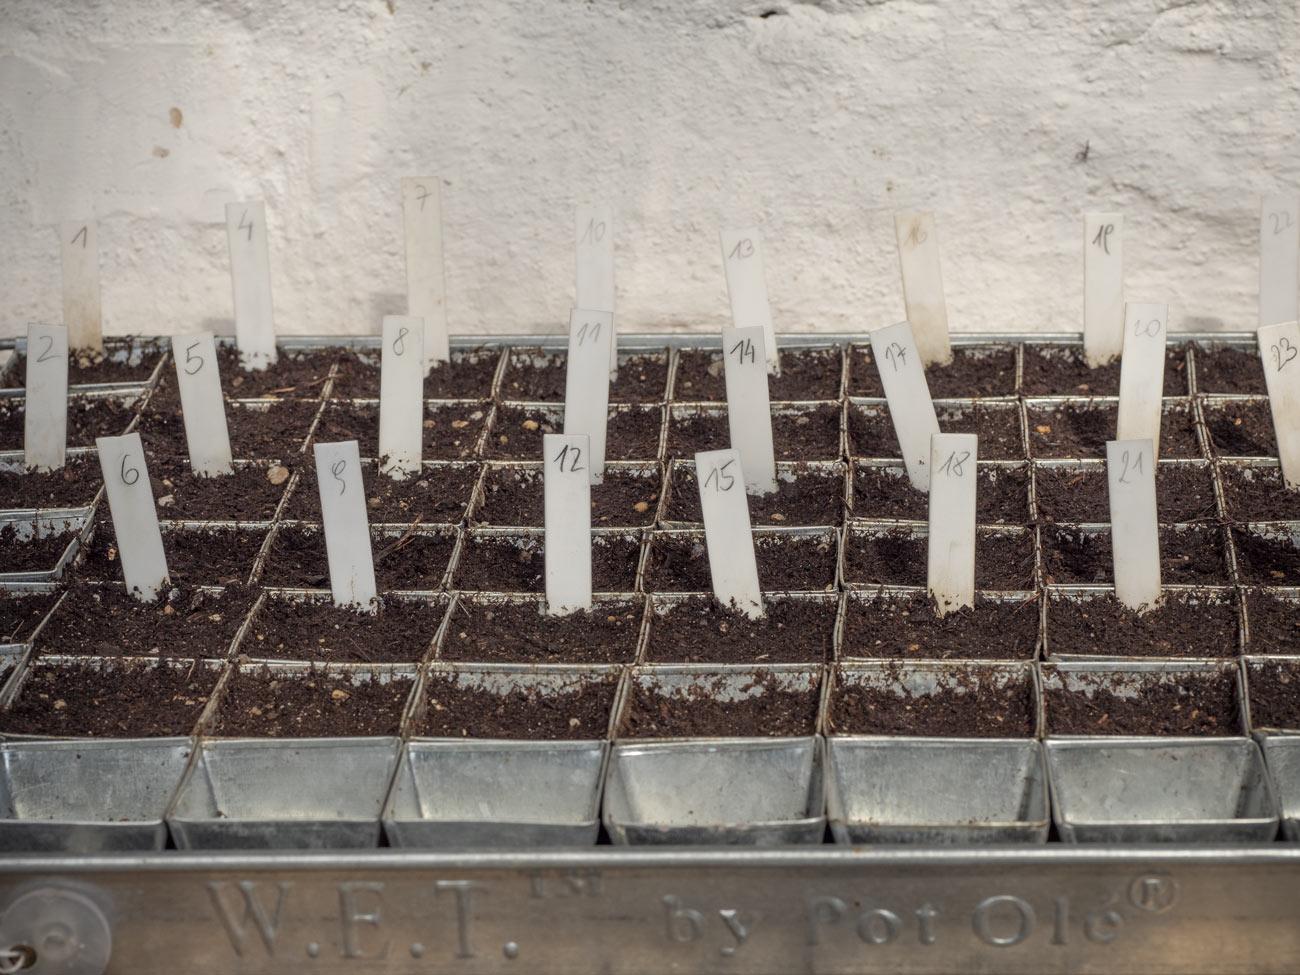 Paradeiser-Tomaten-aussäen-2018